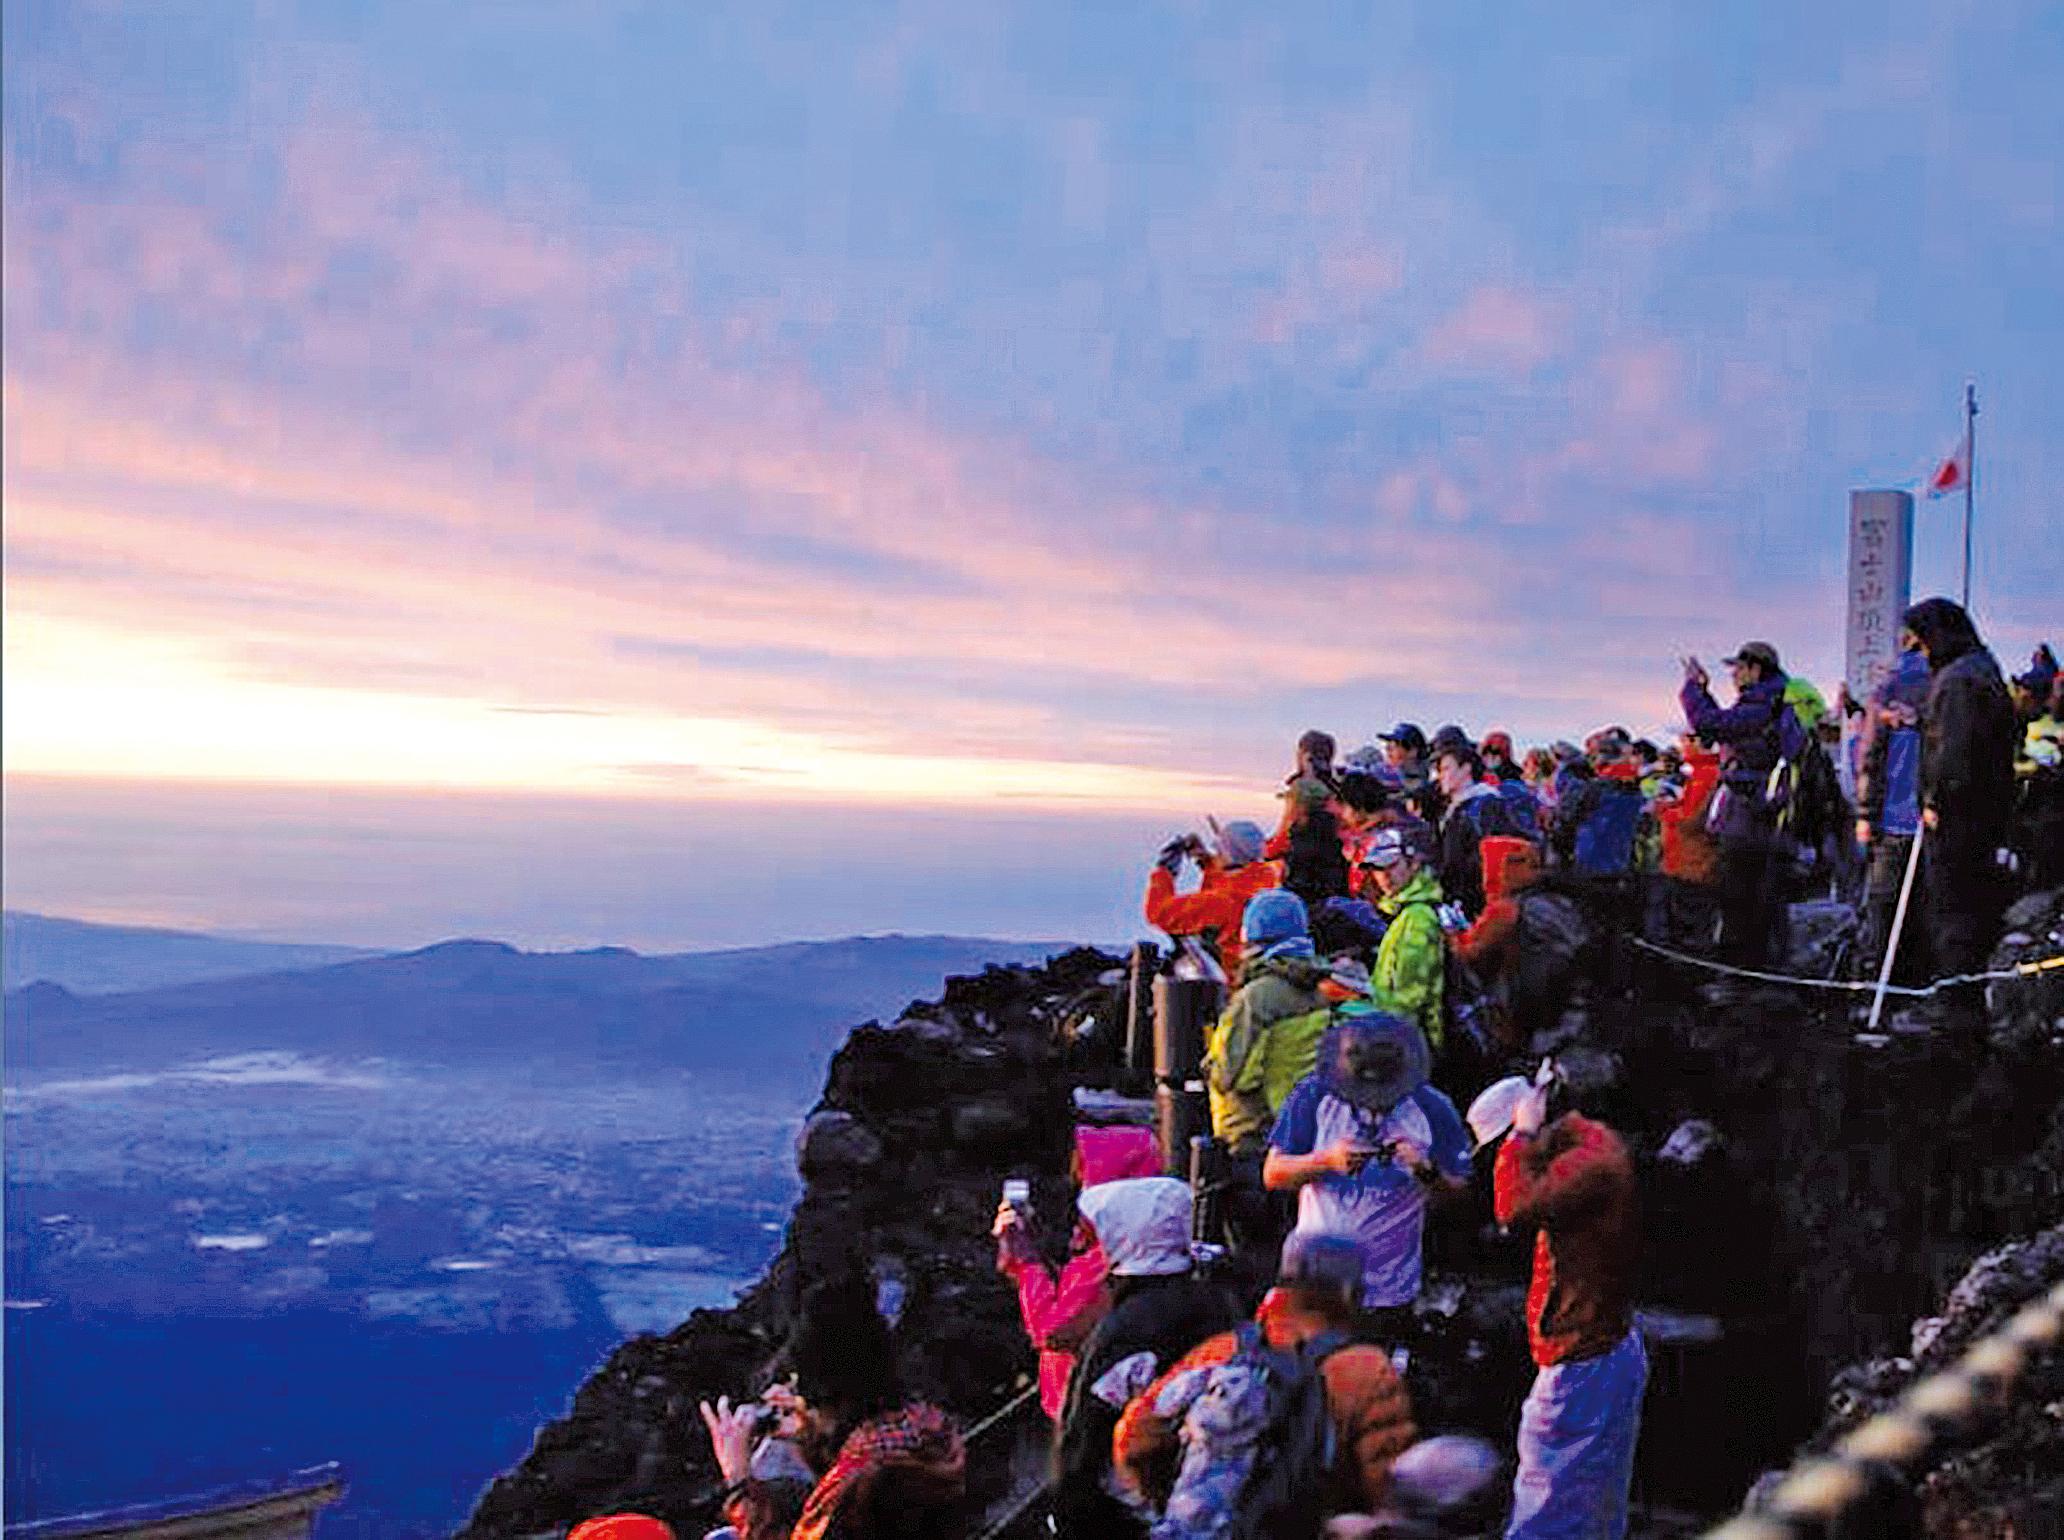 迎接富士山的 御來光